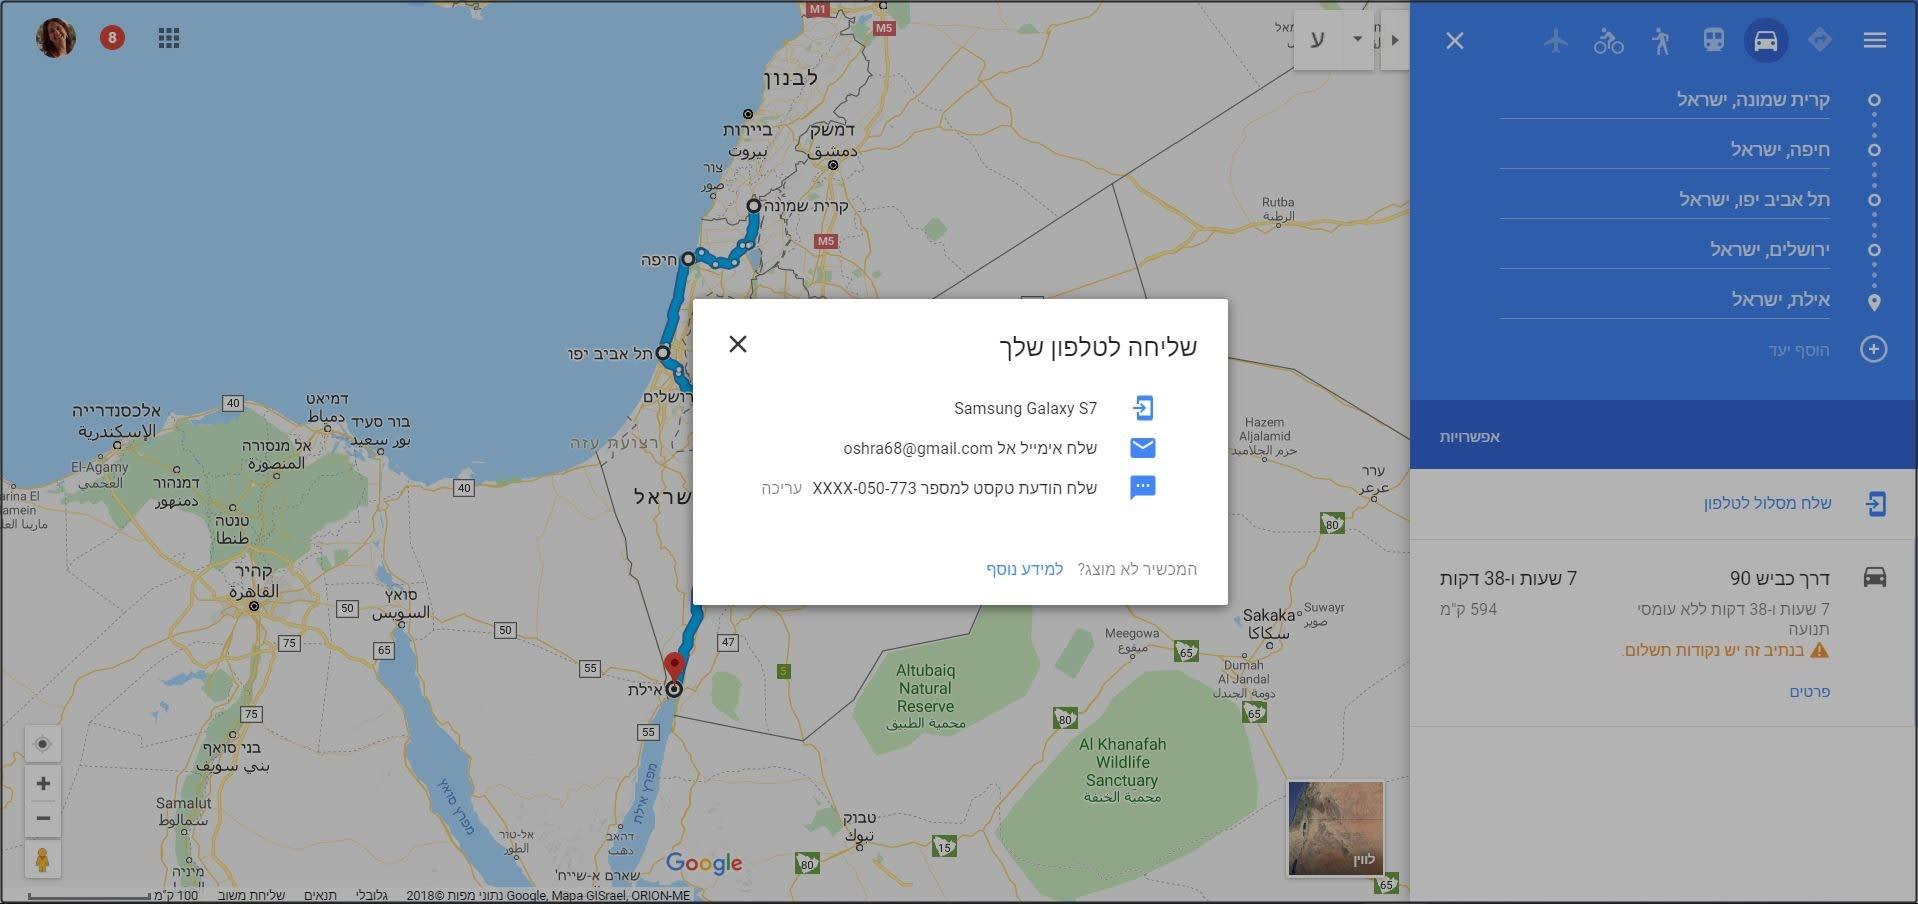 אושרה קמחי - על המזוודות. הורדת מסלול מ Google Maps מהמחשב אל הטלפון הנייד